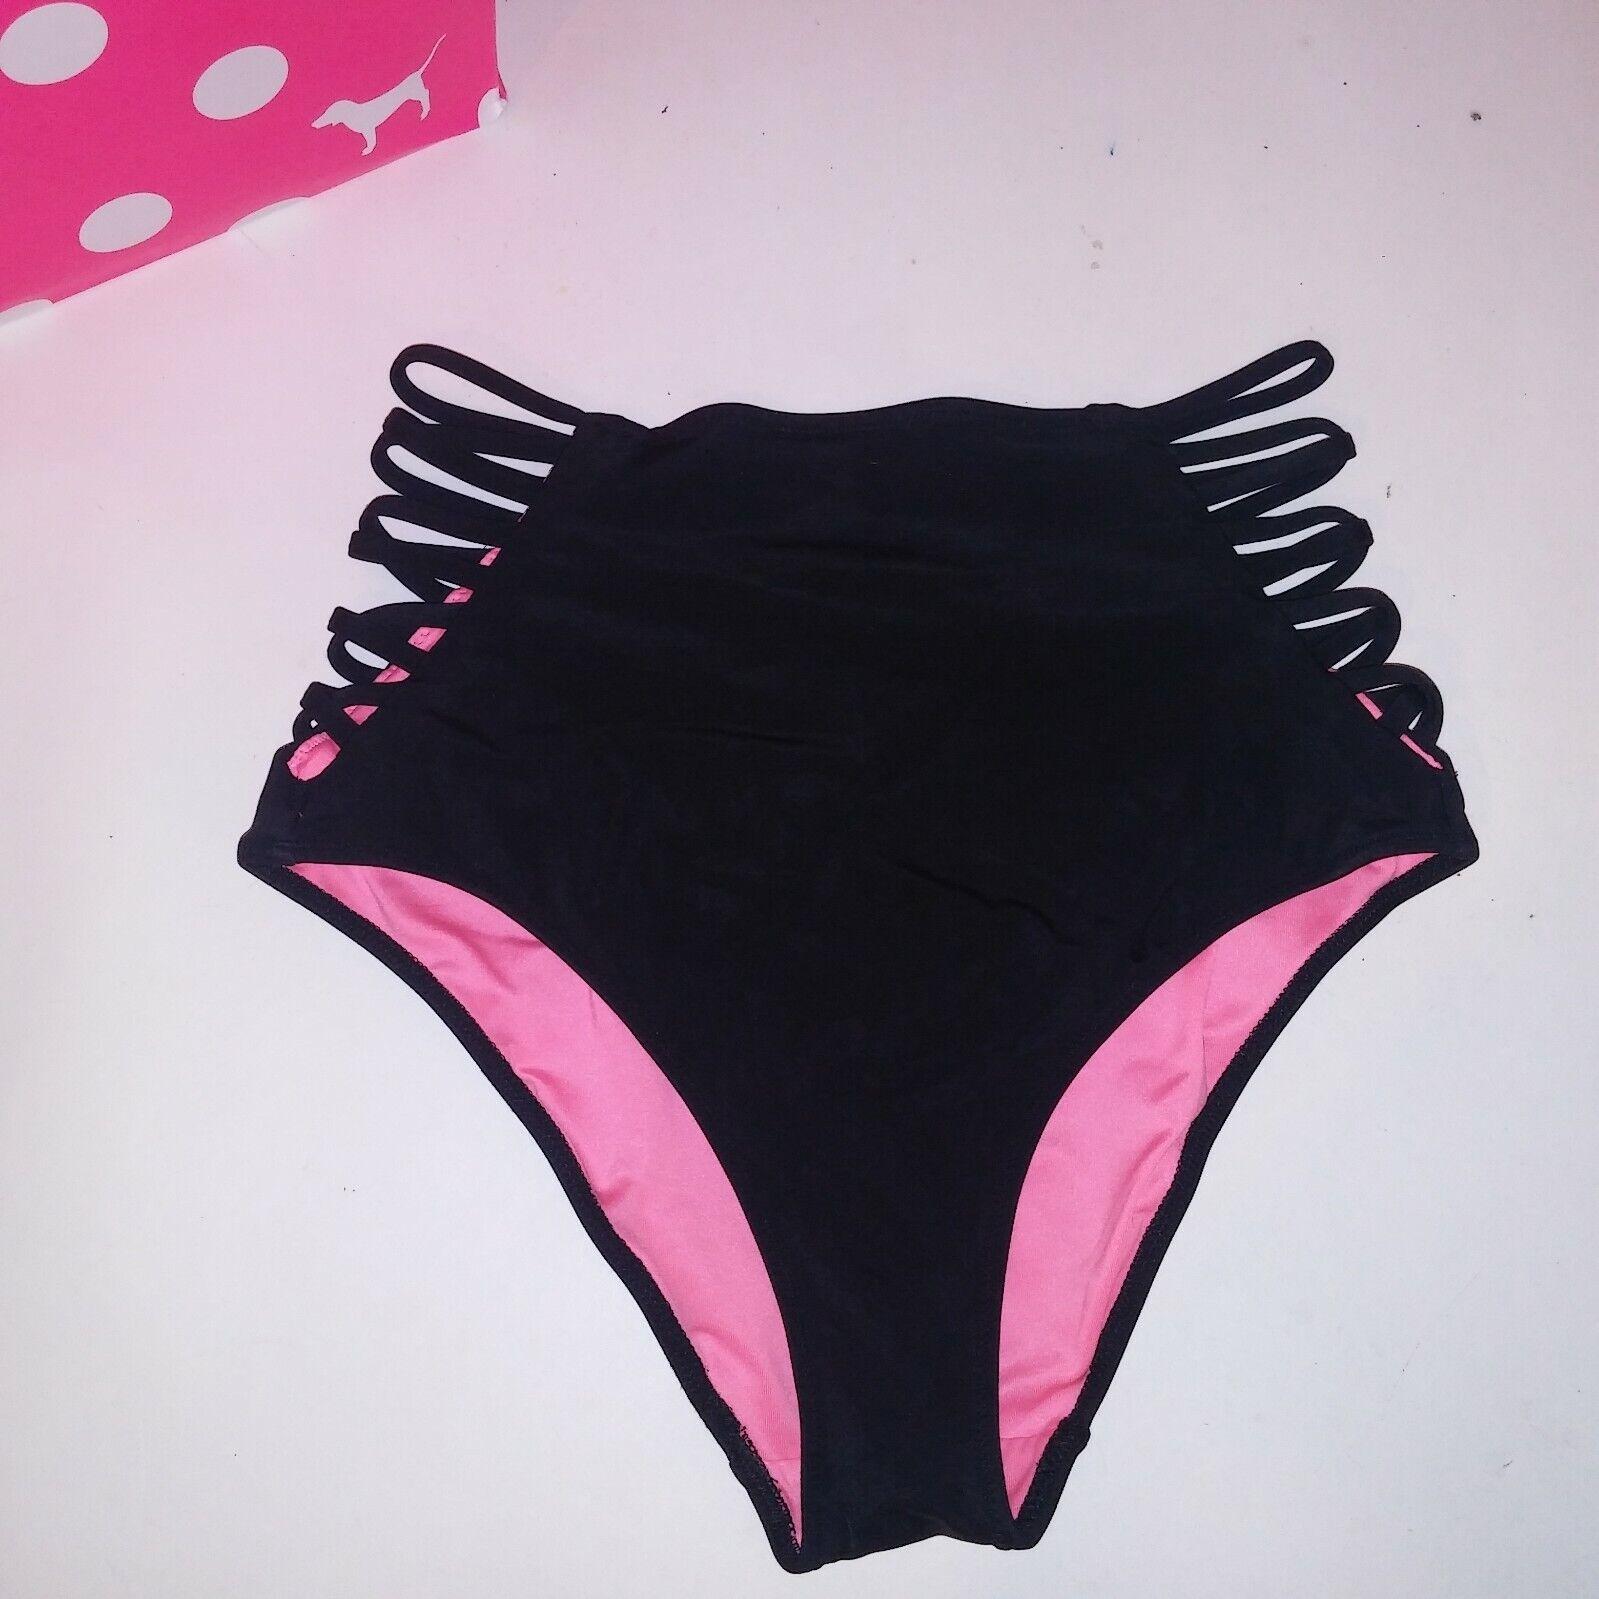 S Small VICTORIA/'S SECRET VS Low-rise Strappy Cheeky Bikini Bottom Shimmer Multi